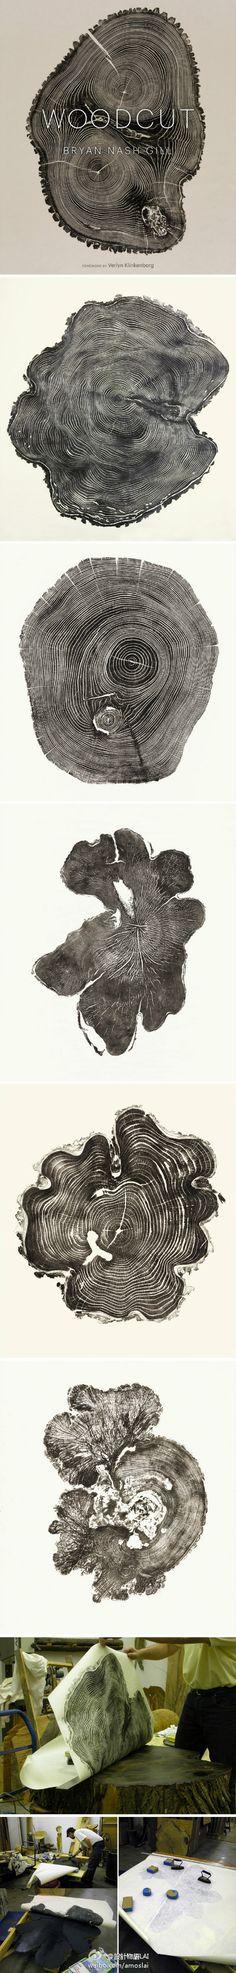 树木的截面/Bryan Nash Gill将自然融入艺术中,以他独特的方式为大家展现英格兰树木的世界。Bryan Nash Gill利用各种树木的截面做成大型的画作。他寻找美丽的树木---那些被损坏的木材,种类包括水曲柳,枫木,柳树。接着在上面涂墨,打印出树木美丽的截面